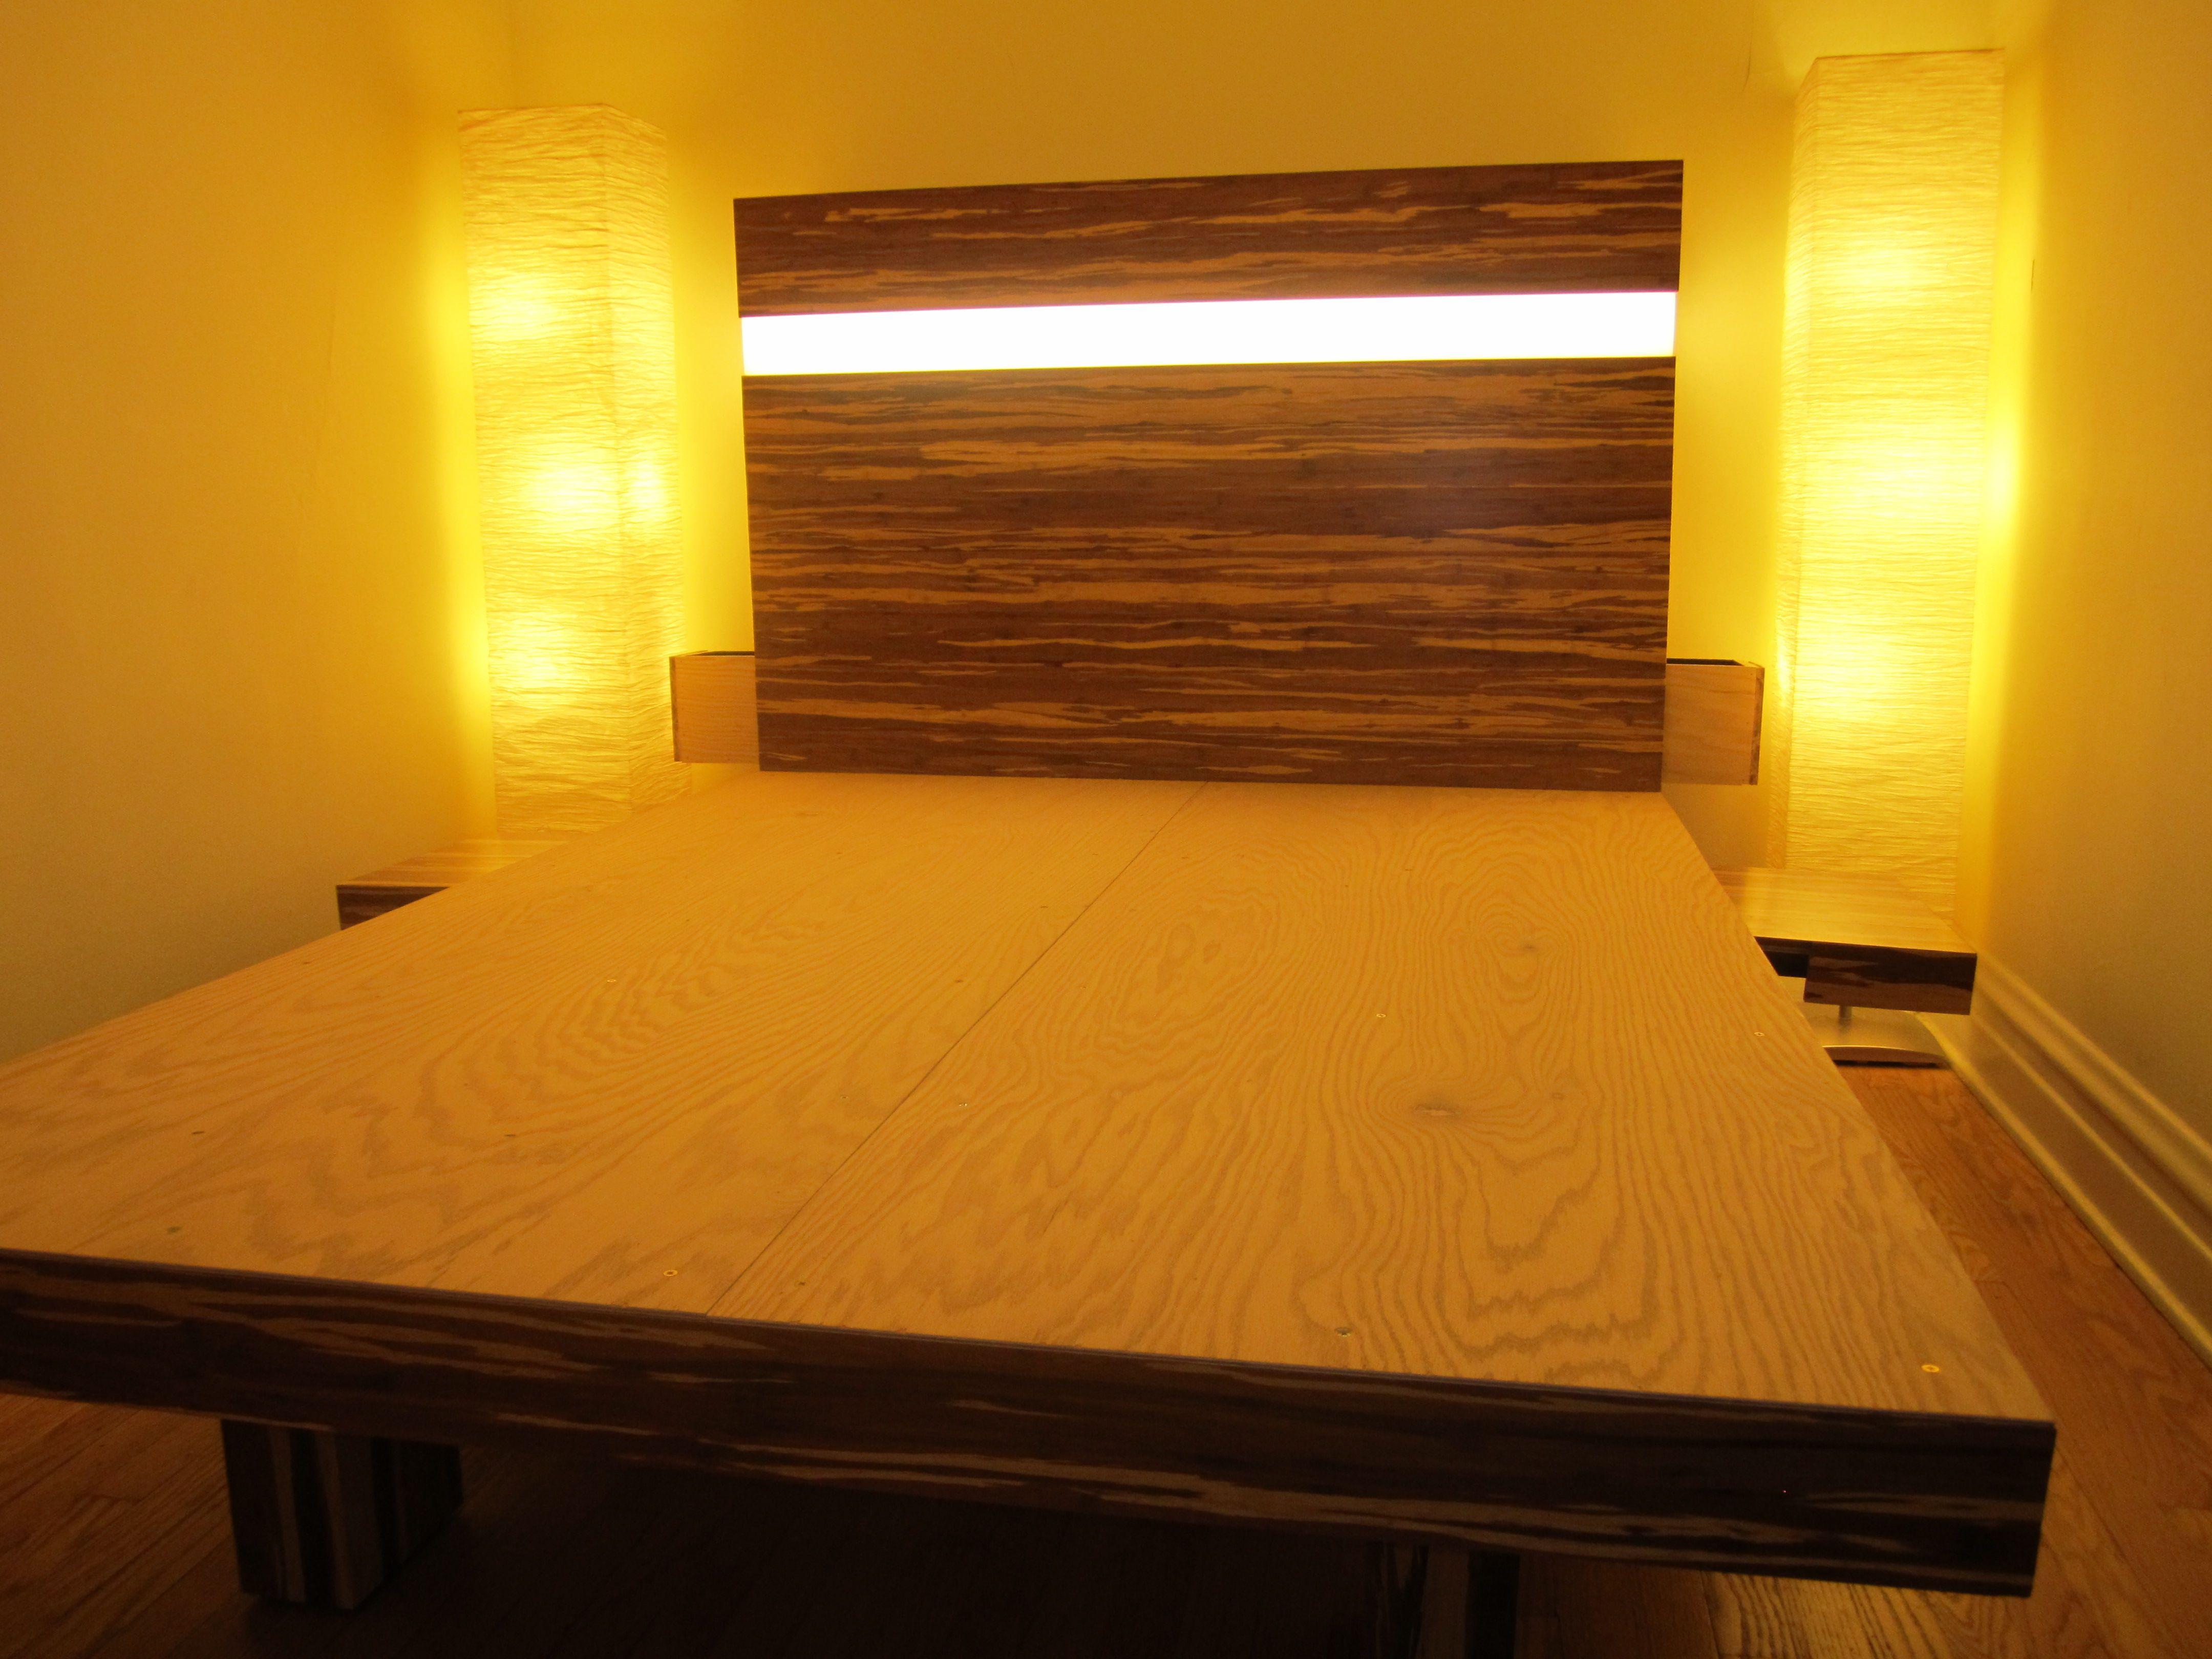 Bamboo Flooring Platform Bed 5 Steps Instructables